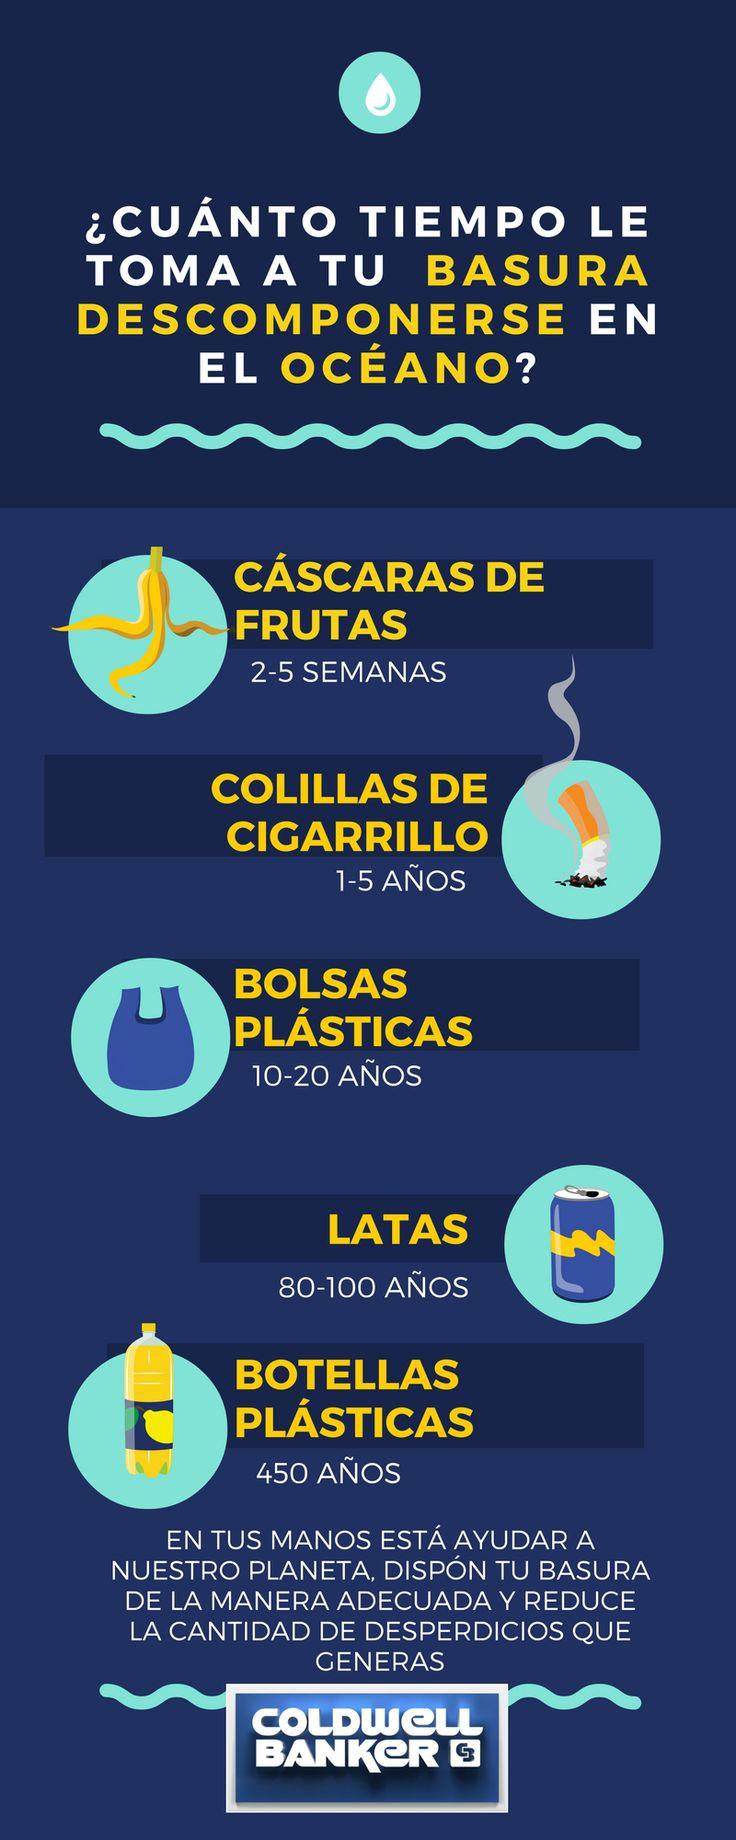 ¿Somos consientes del daño que le hacemos a los océanos? Aquí te damos algunos datos importantes. #lainmobiliariaazul #cbcolombia